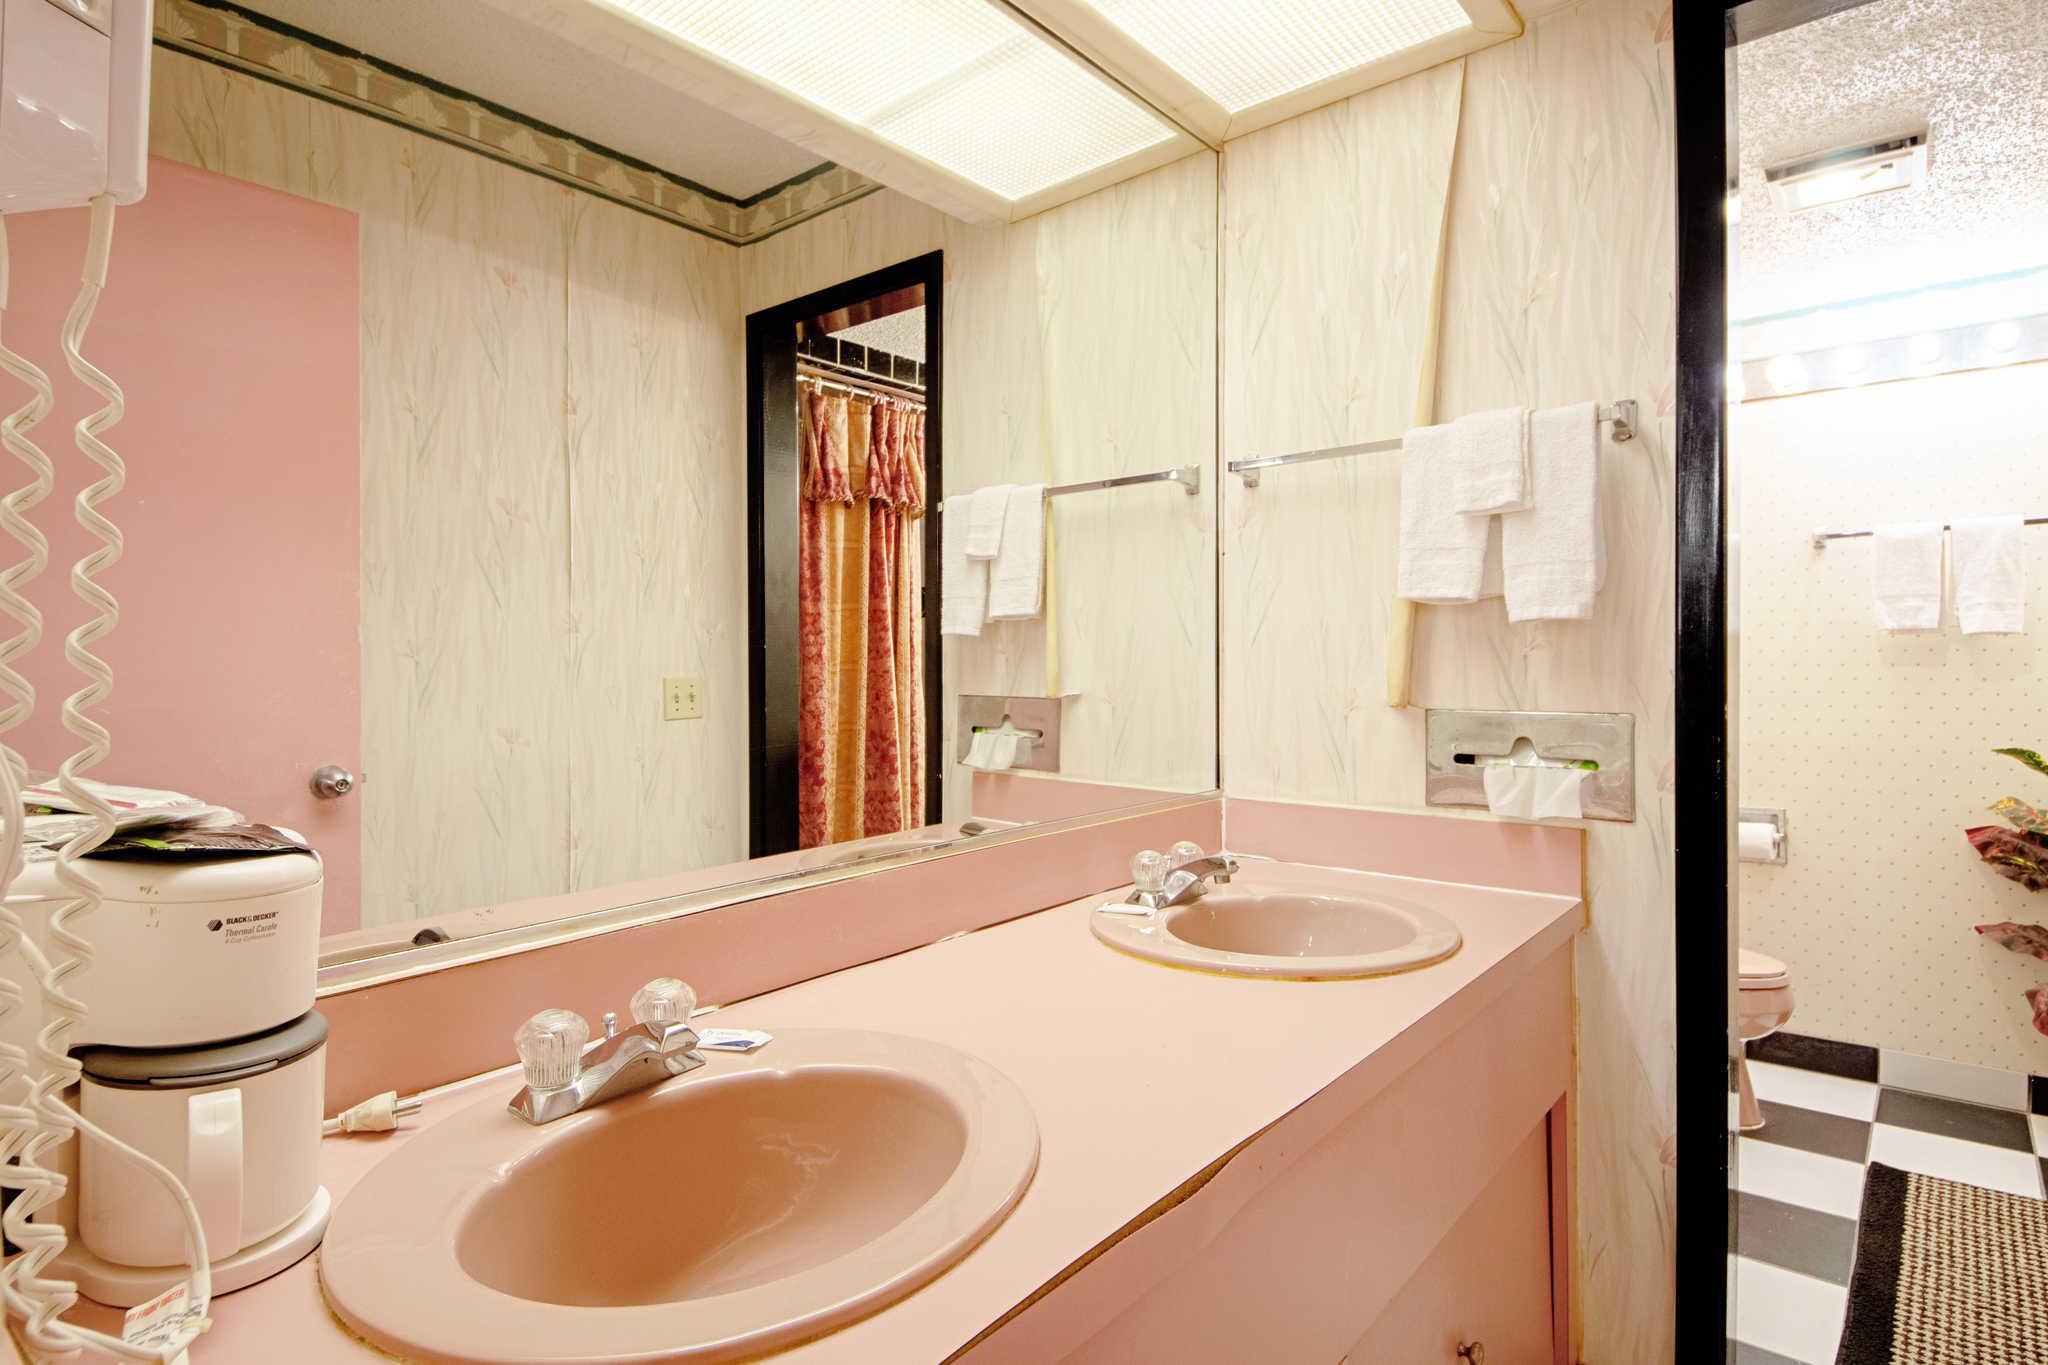 Rodeway Inn & Suites image 40